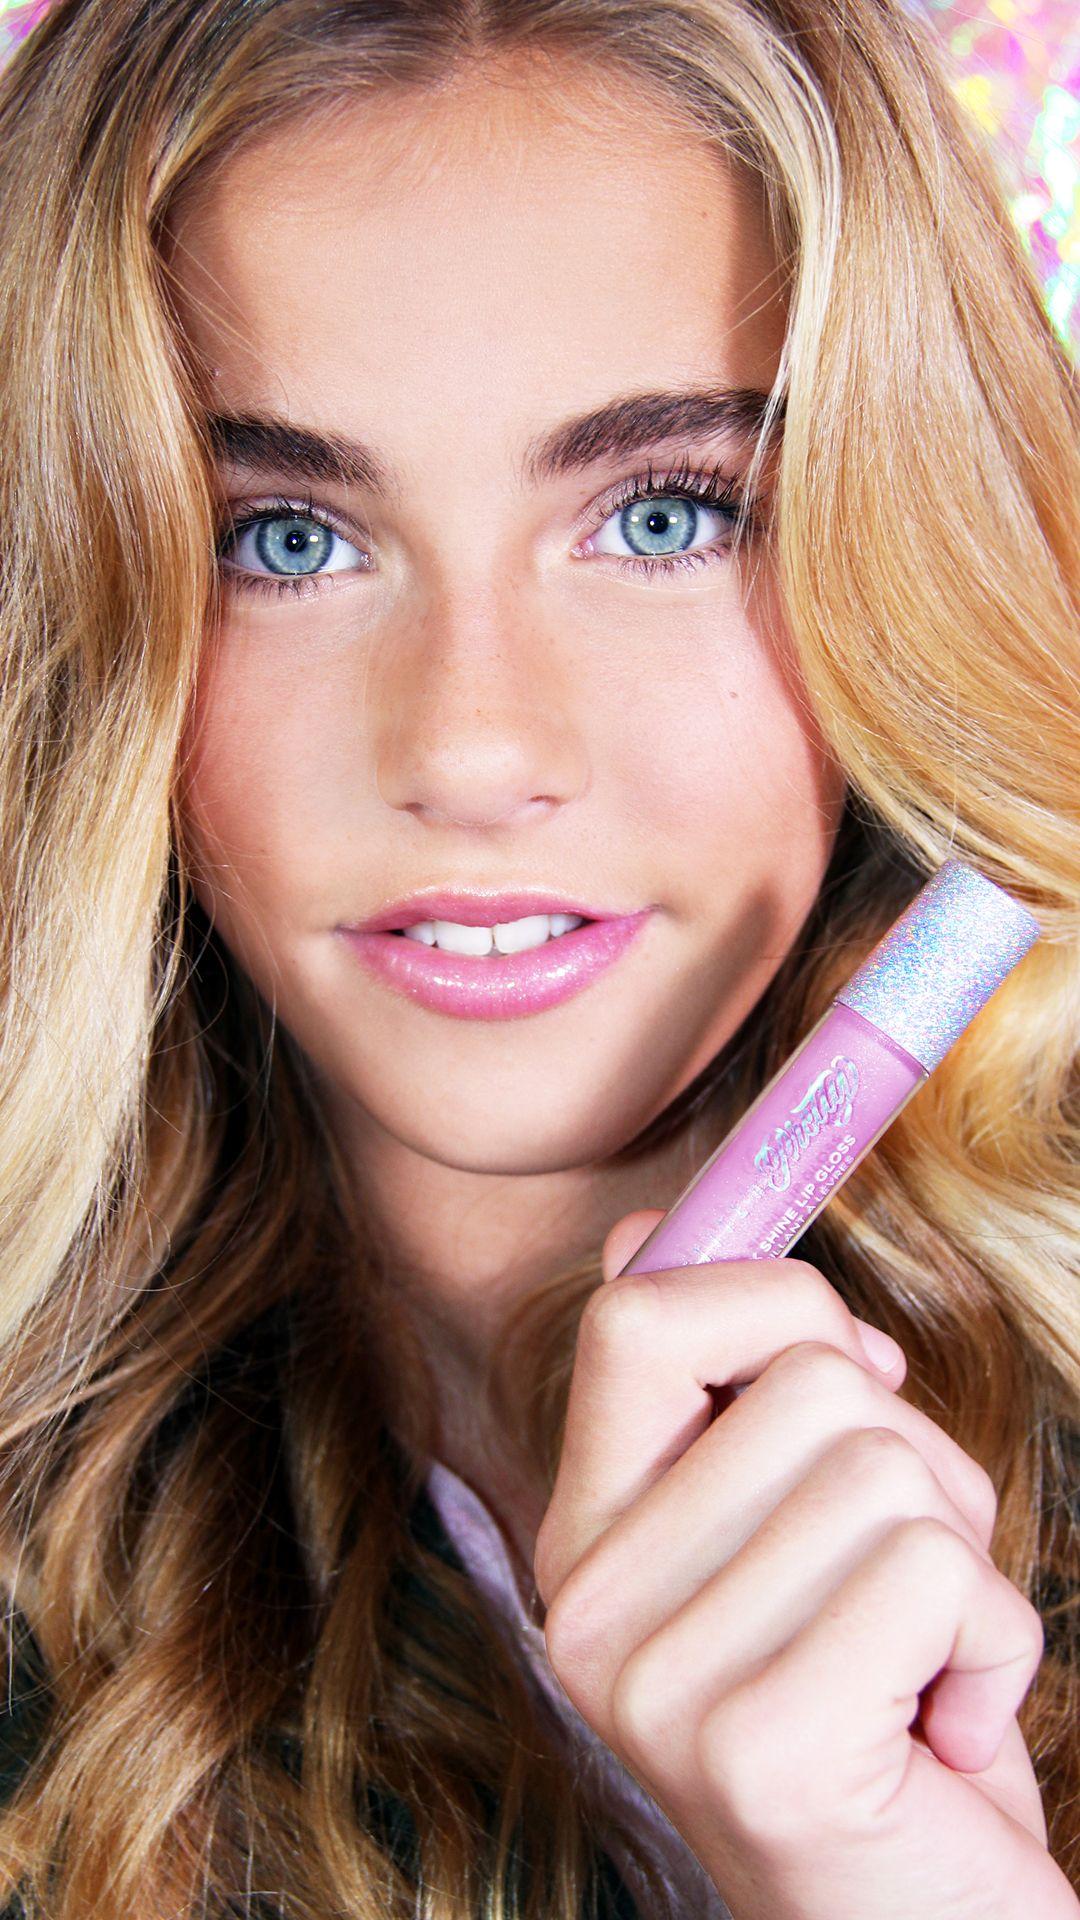 10K Shine™ Lip Gloss in 2020 Lip gloss, Gluten free